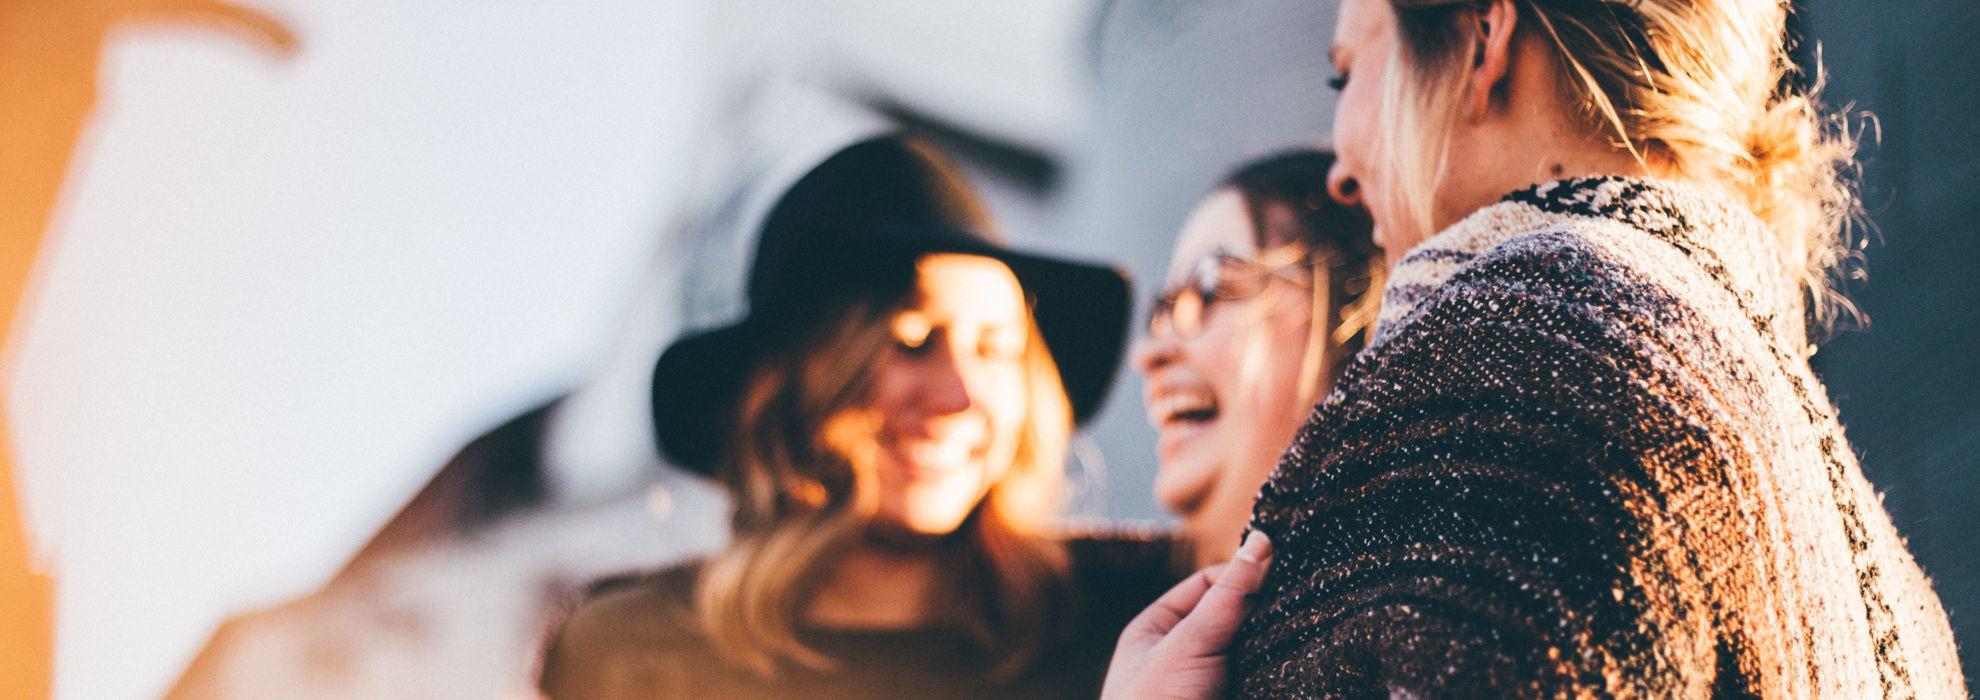 Die besten 10 Ergänzungen für Frauen